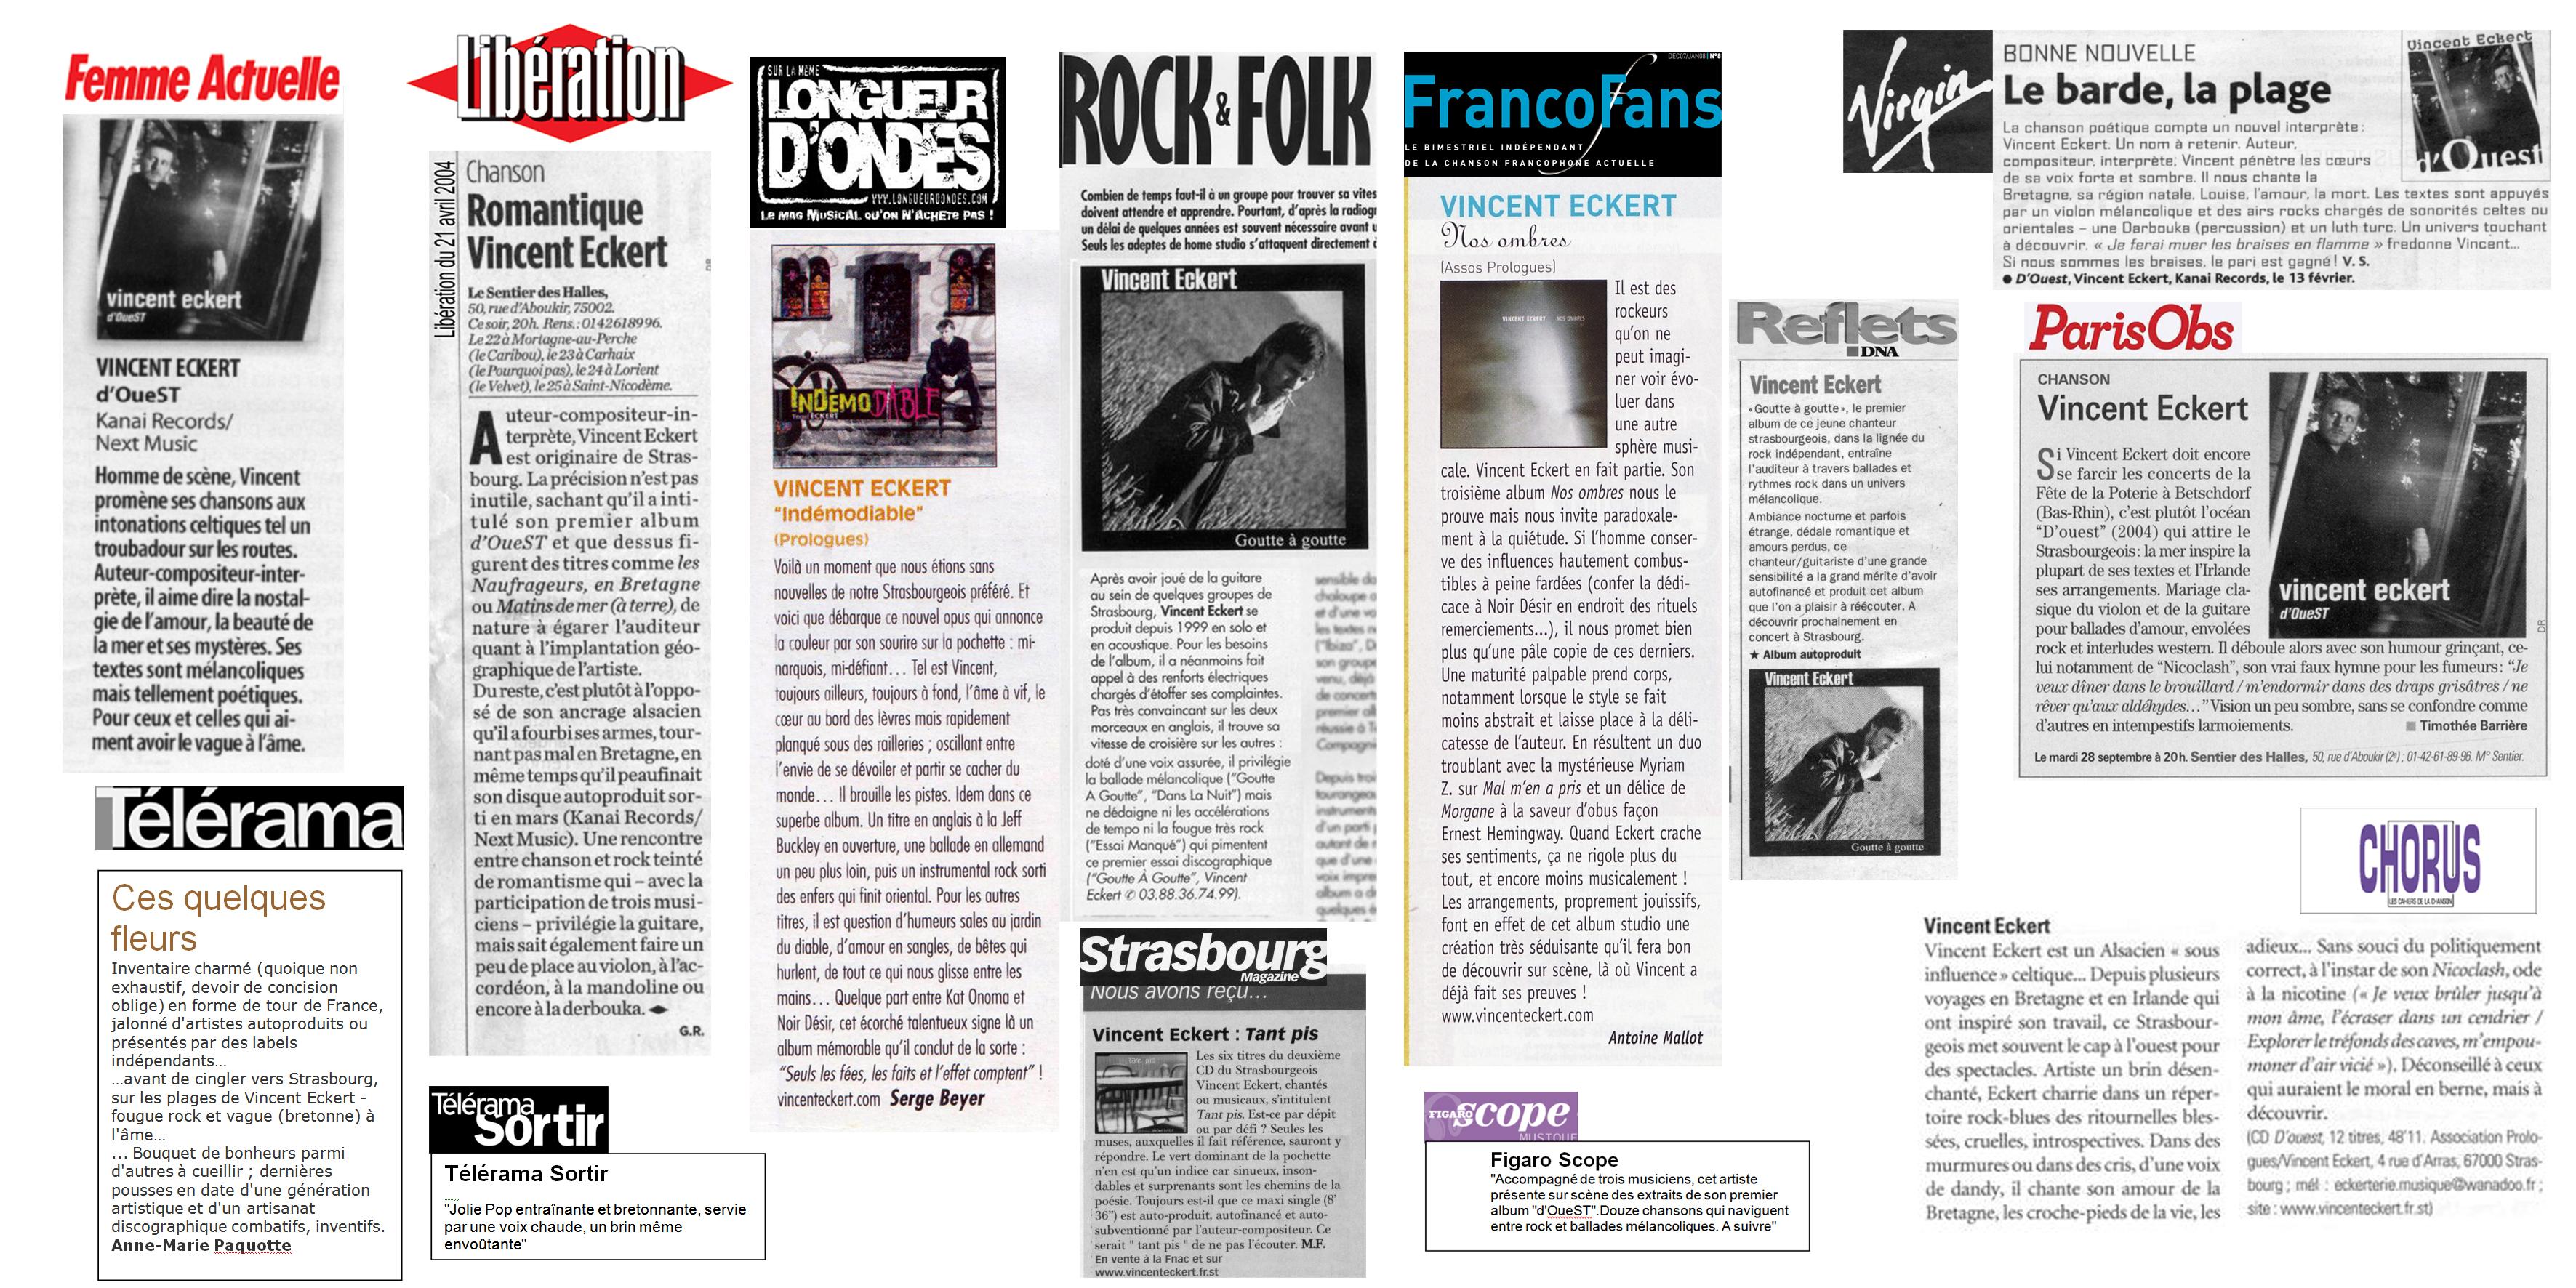 Vincent ECKET femme actuelle libération presse nationale rock&folk télérama chanson française rock longueurs d'ondes l'obs le figaro Chorus DNA Ouest France